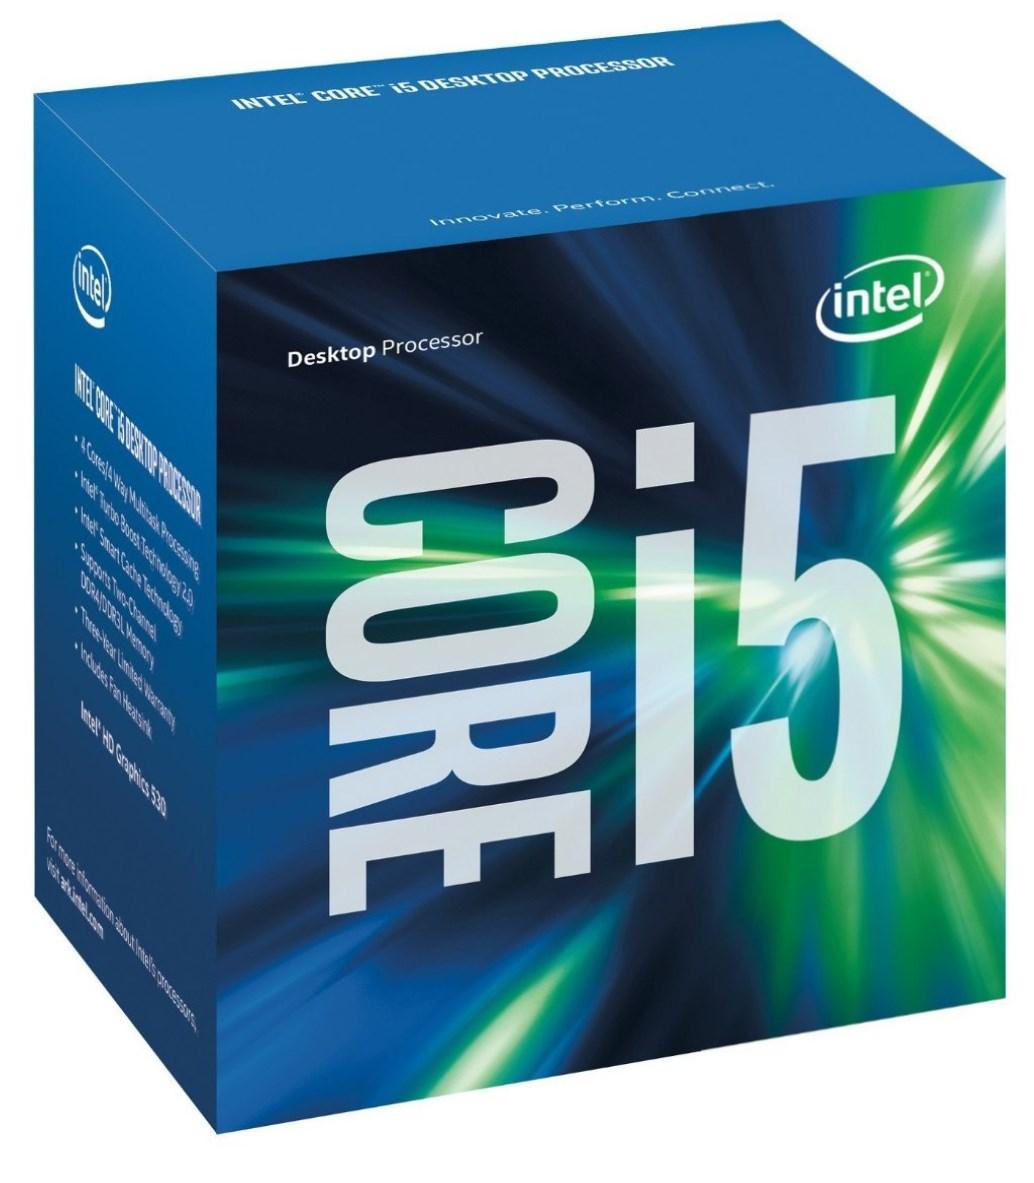 Processeur Intel i5-6600 - 3.3GHz, Socket LGA 1151